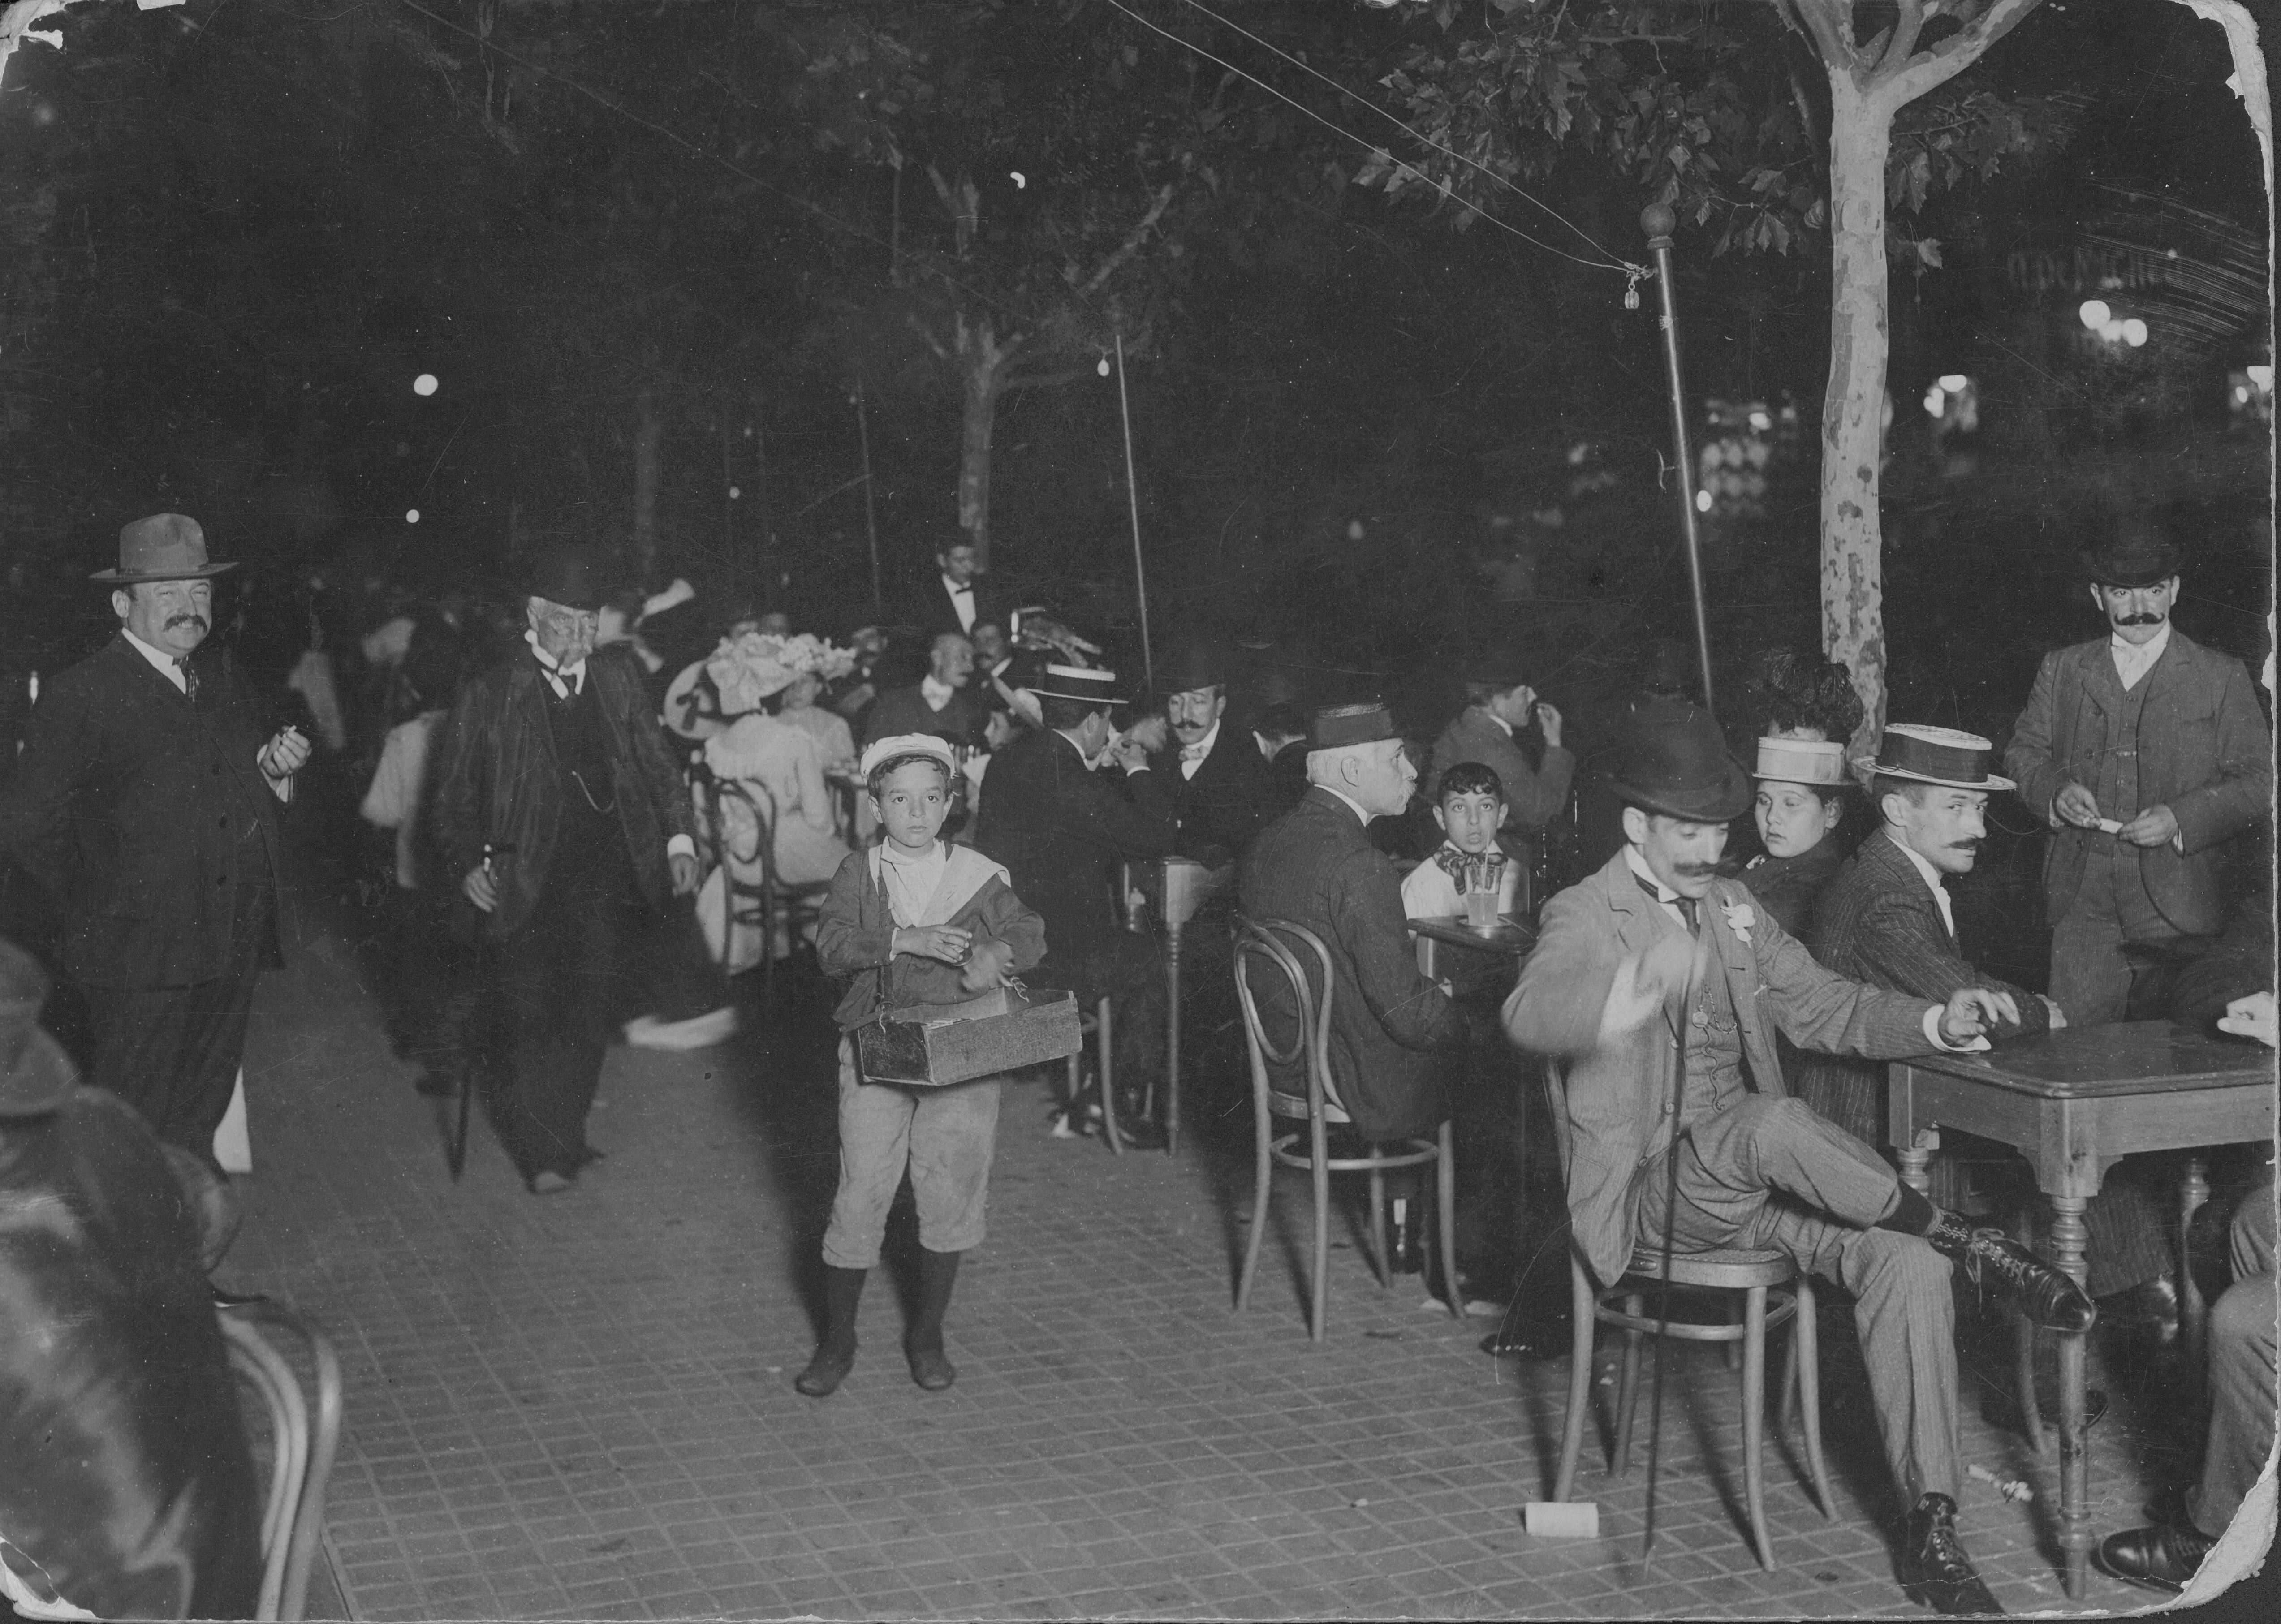 Año nuevo 1903. Avenida de Mayo, Buenos Aires.Autor desconocido. Colección Archivo General de la Nación.